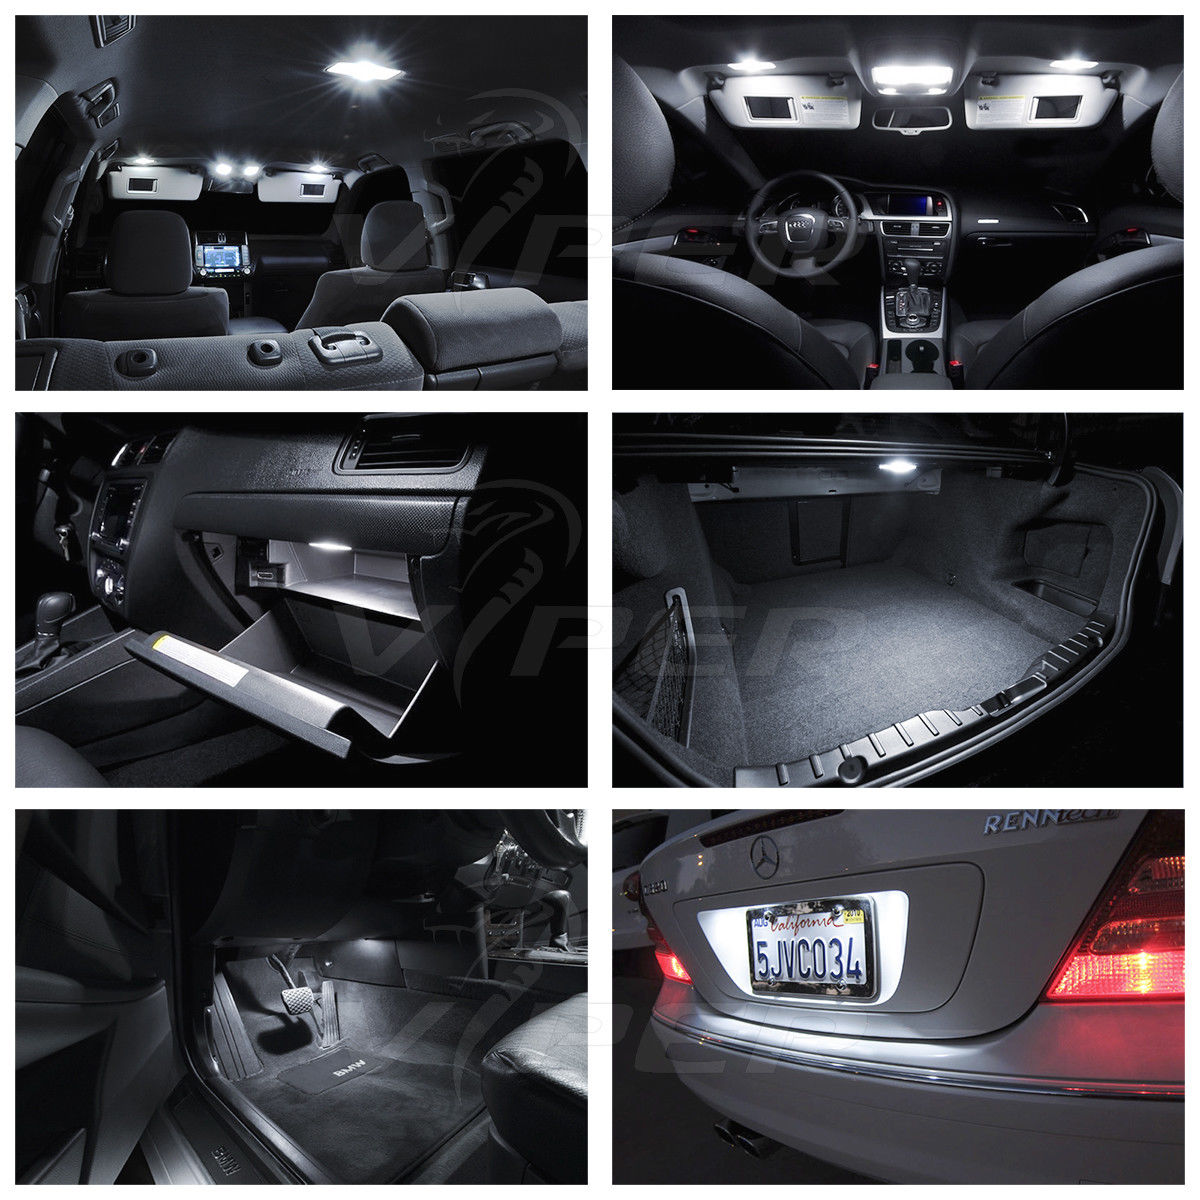 2001-2006 Acura MDX White LED Interior Lights Kit Package